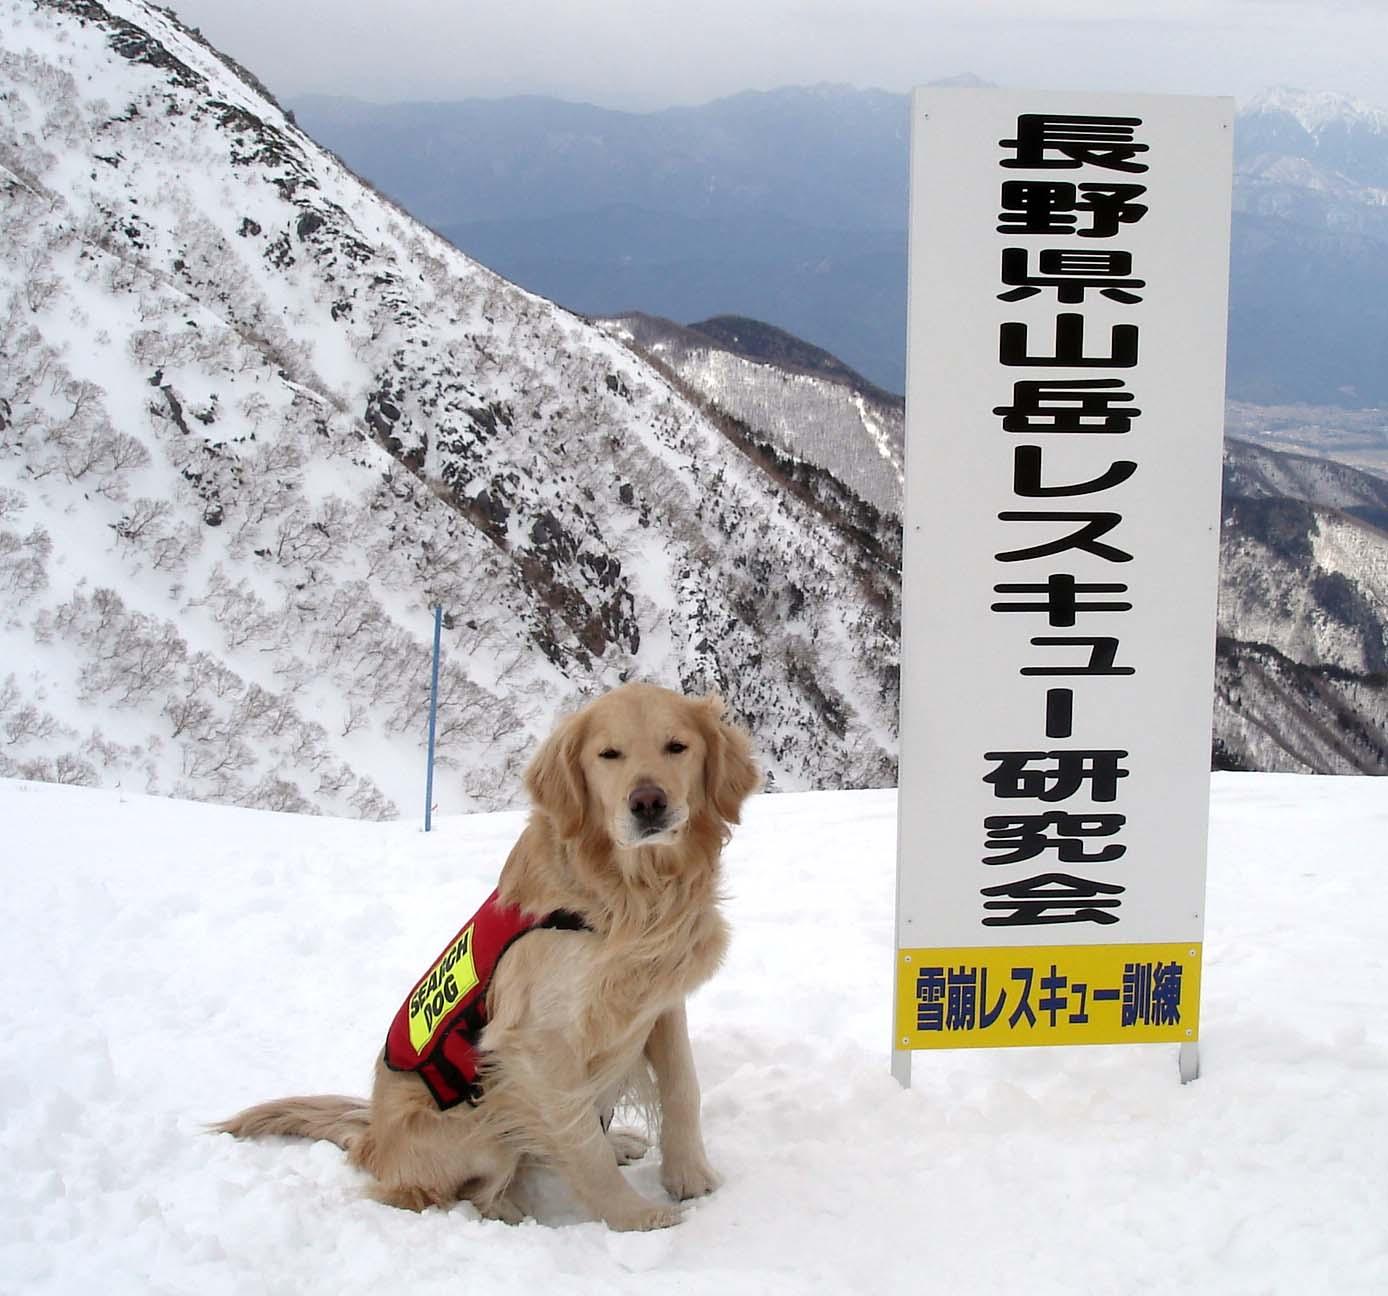 長野山岳レスキュー研究会に参加してきました